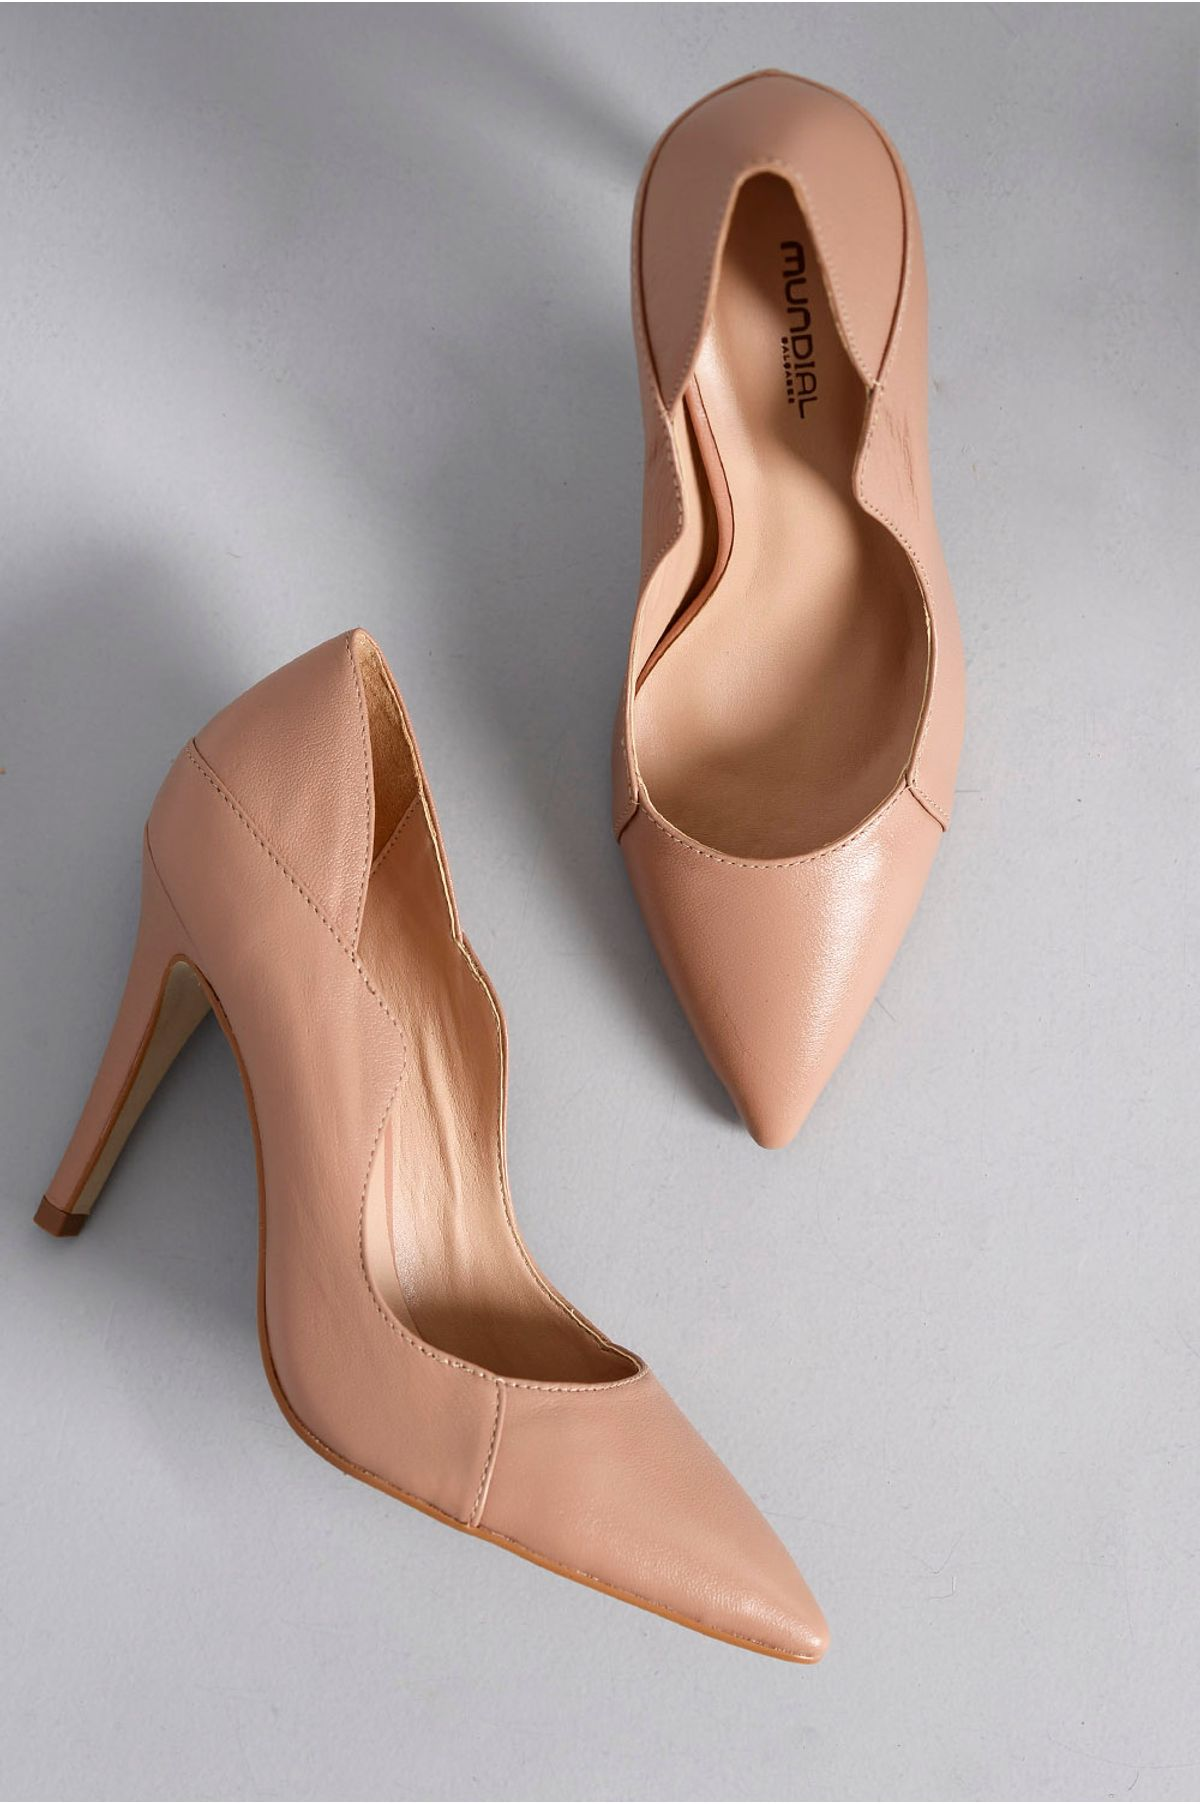 0509bdbd46 Scarpin Feminino Salto Alto Faye Mundial CR - NUDE - Mundial Calçados